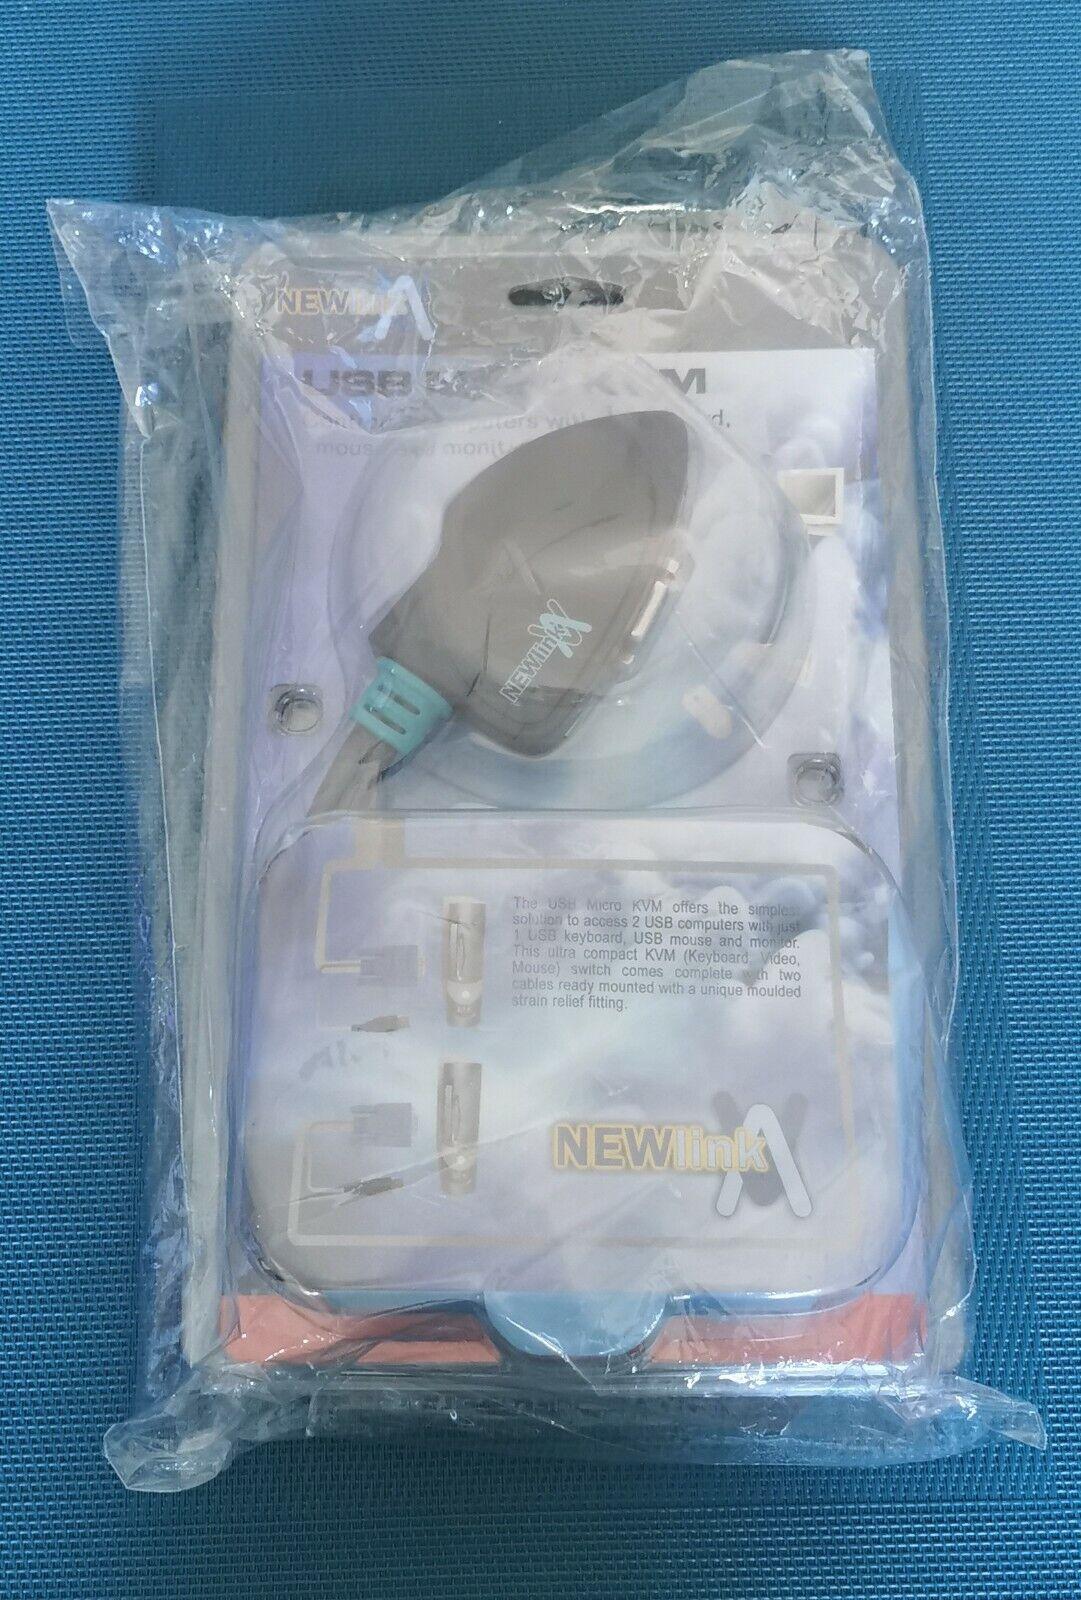 USB Micro KVM cable